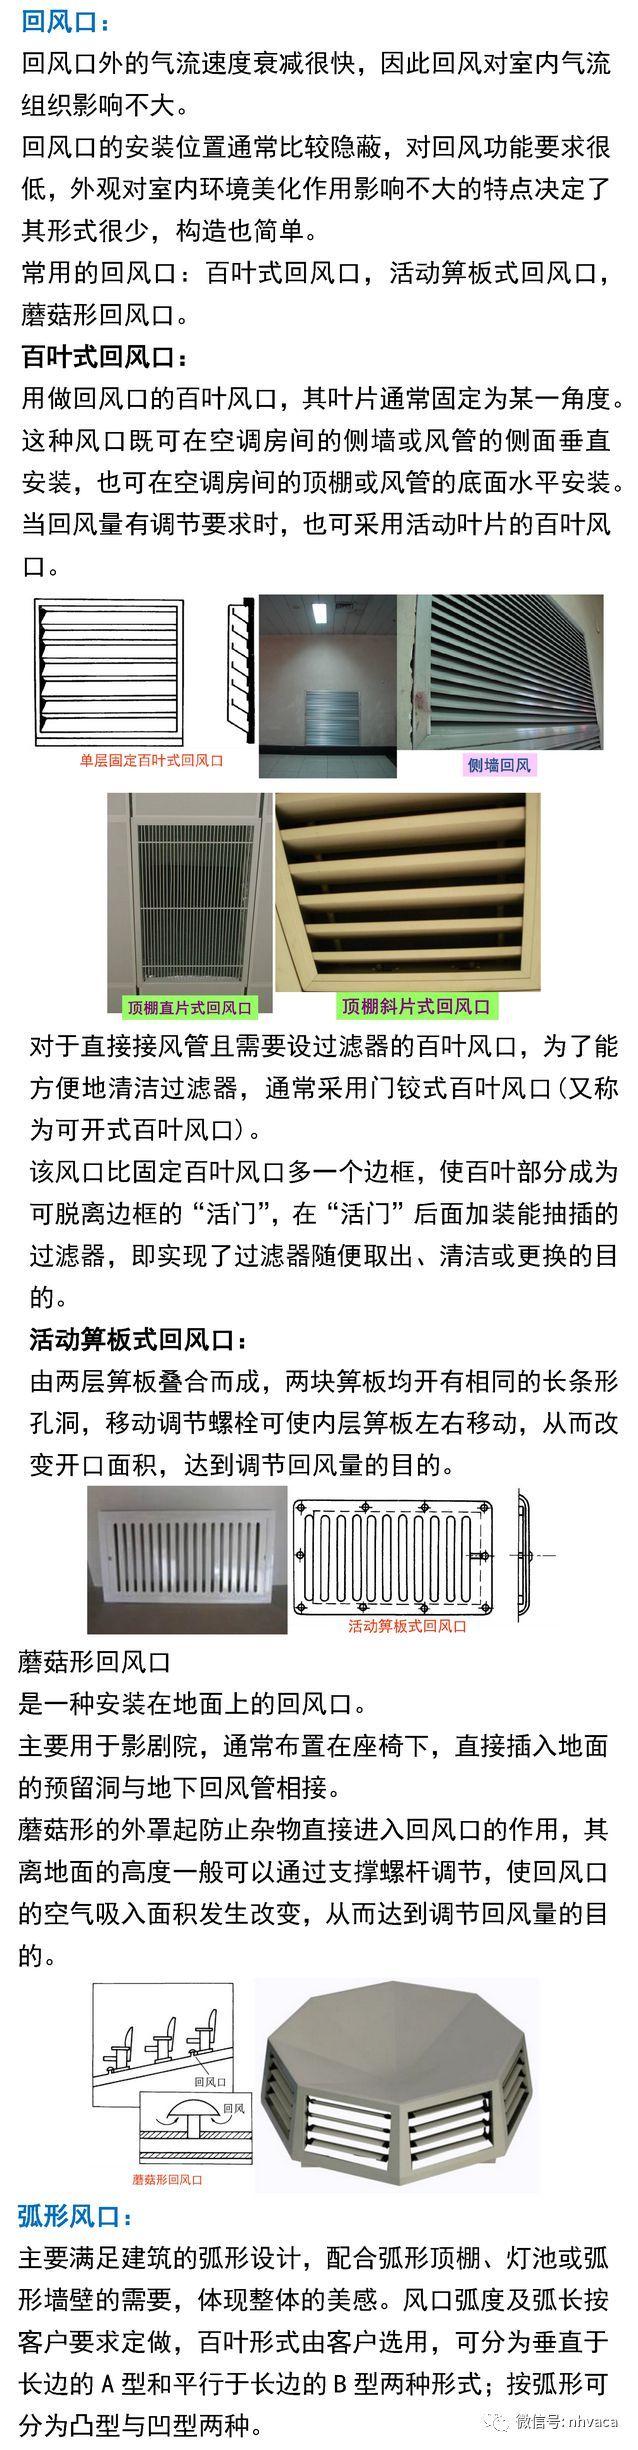 风口散流器与气流组织综合应用手册_13